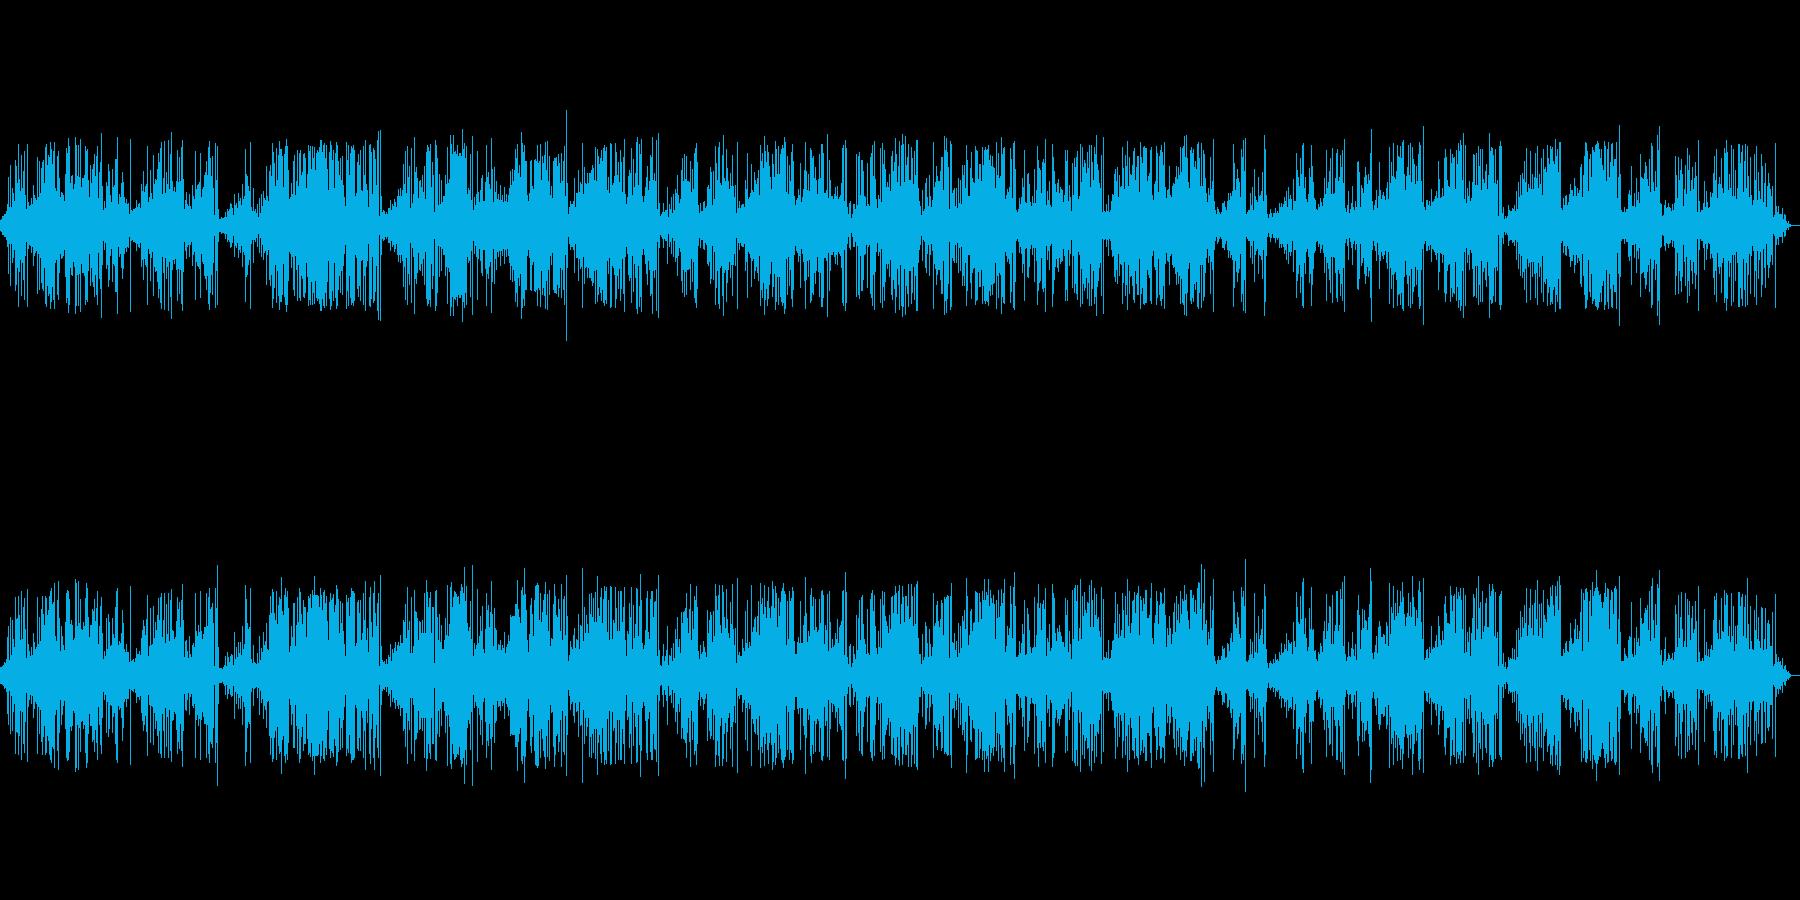 【雷/電気系】帯電02の再生済みの波形